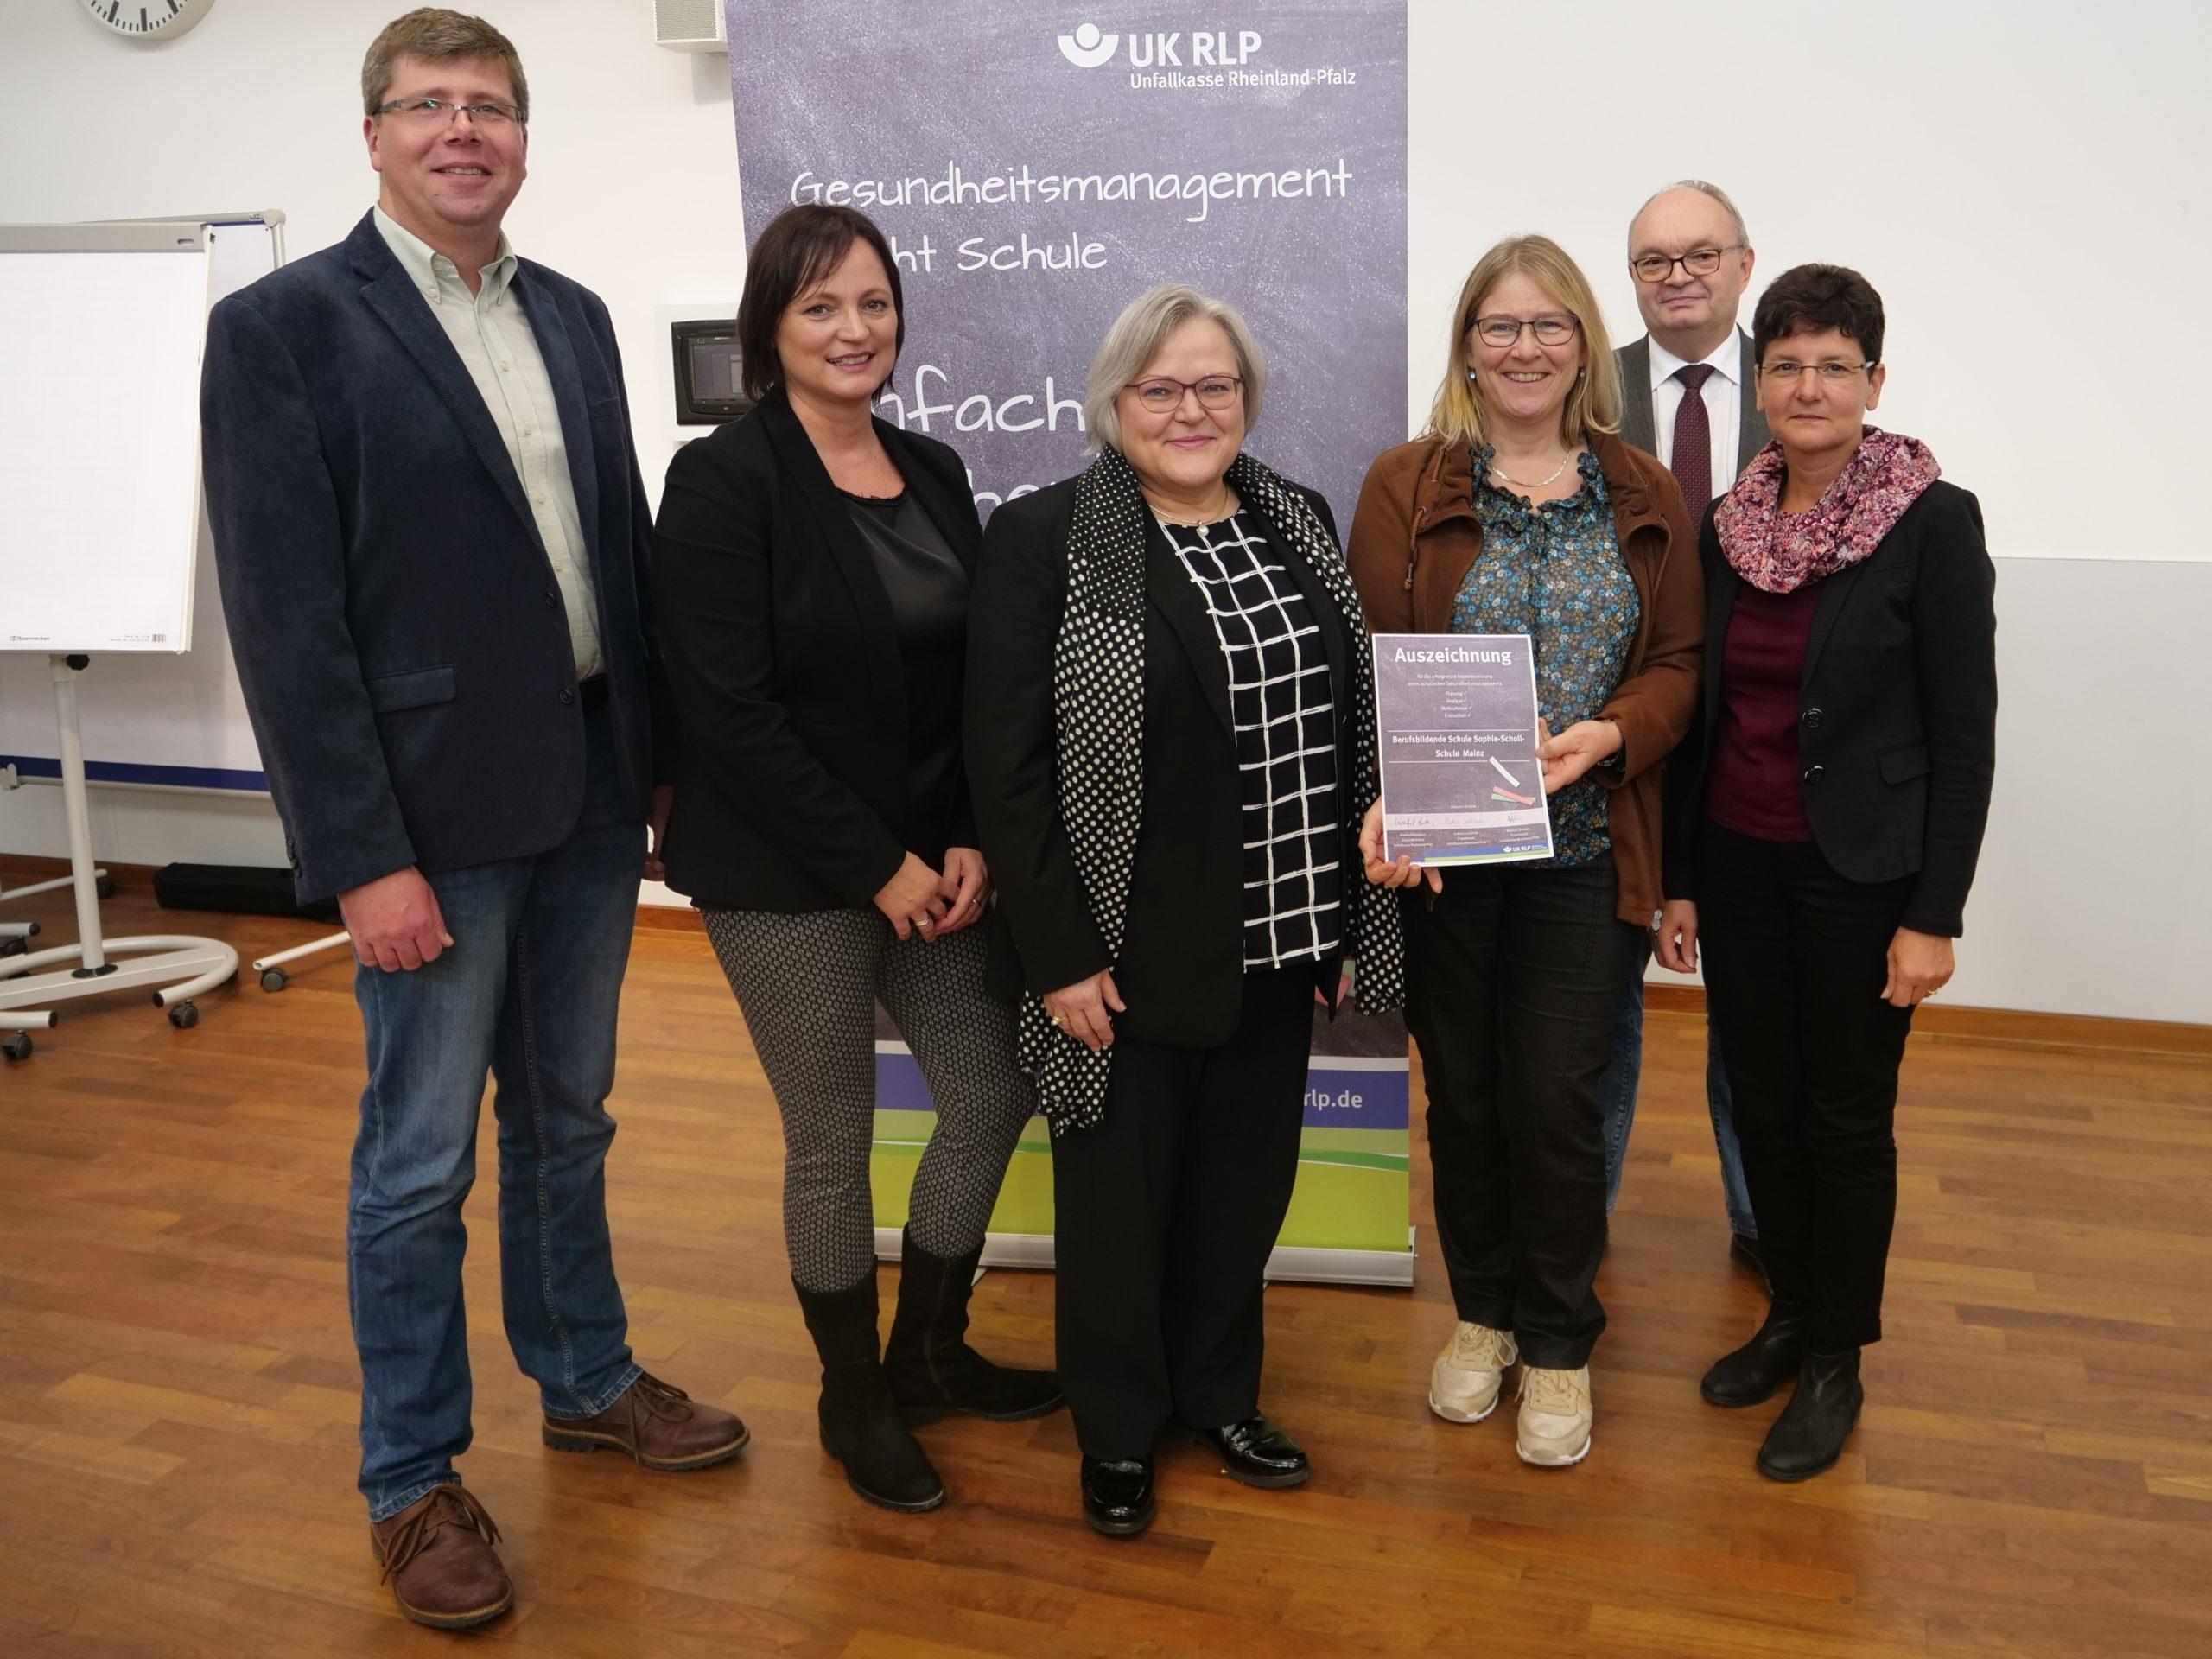 Gemeinsames Projekt zur Lehrergesundheit -Projekt mit Unfallkasse und der Sophie-Scholl-Schule